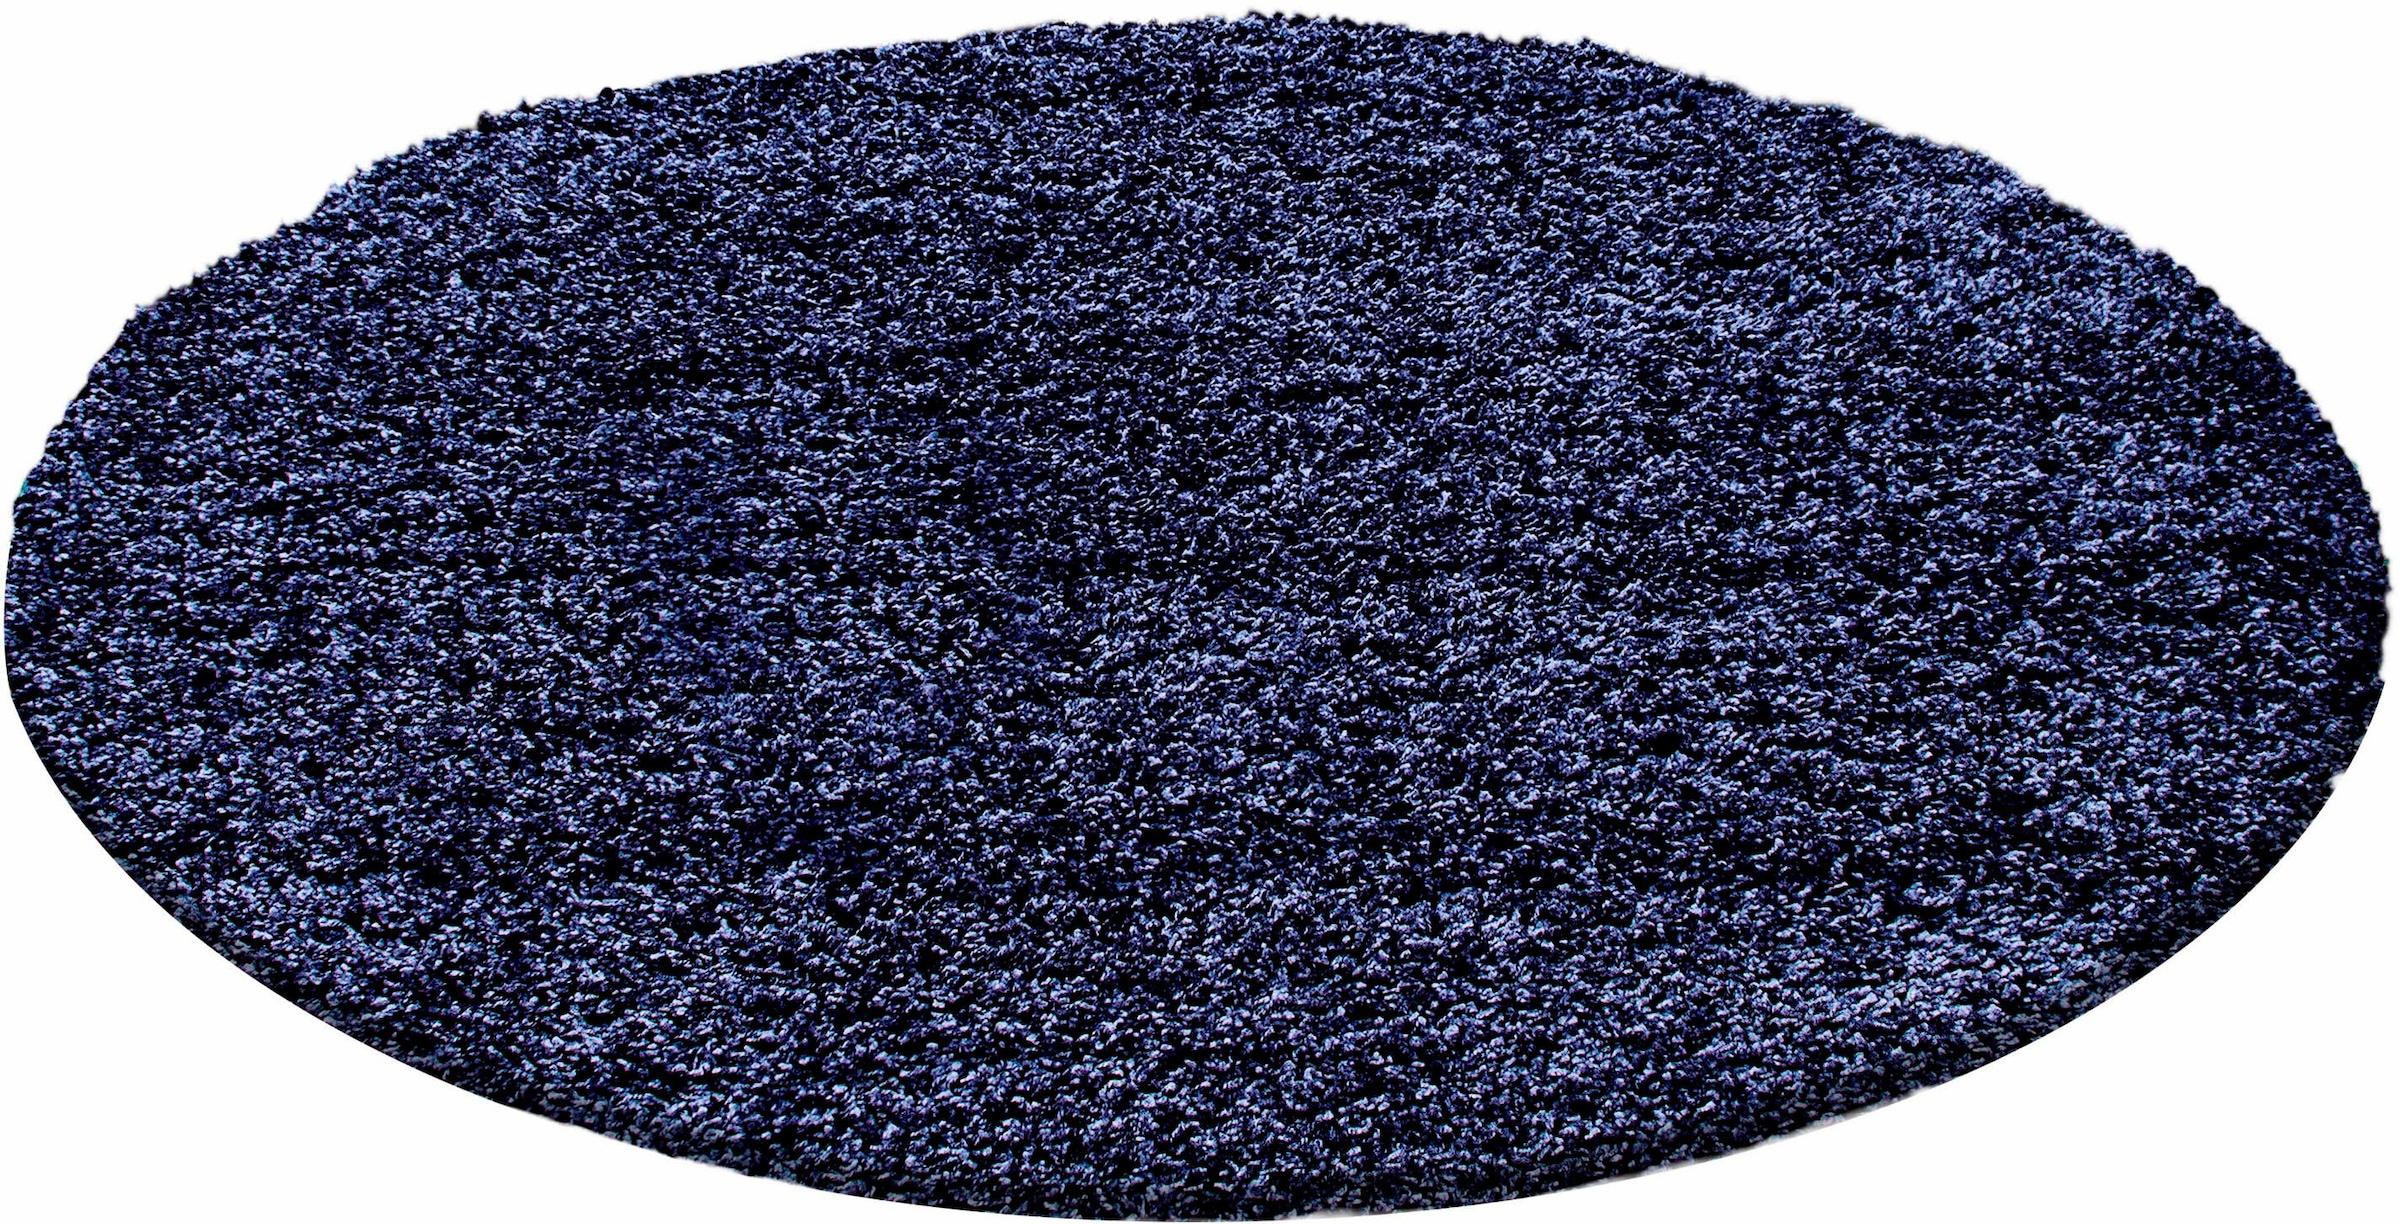 Image of Ayyildiz Hochflor-Teppich »Life Shaggy 1500«, rund, 30 mm Höhe, Wohnzimmer